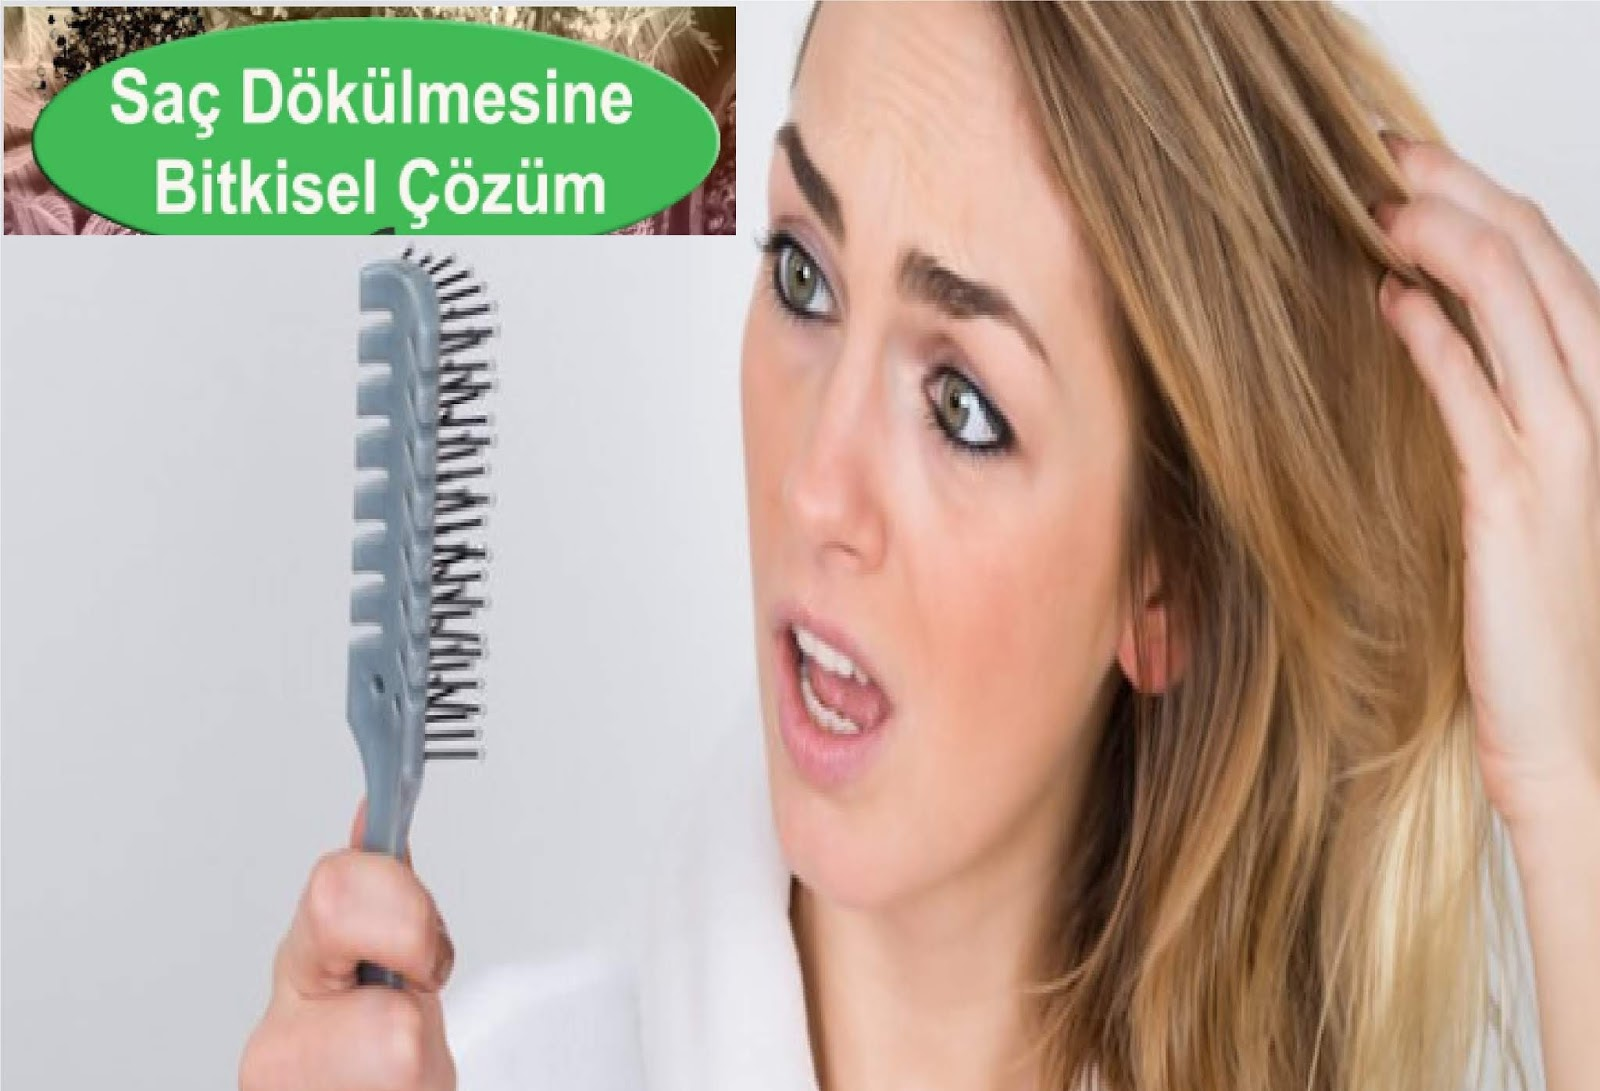 Saç Dökülmesine Bitkisel Çözüm ve 5 Doğal Tarif